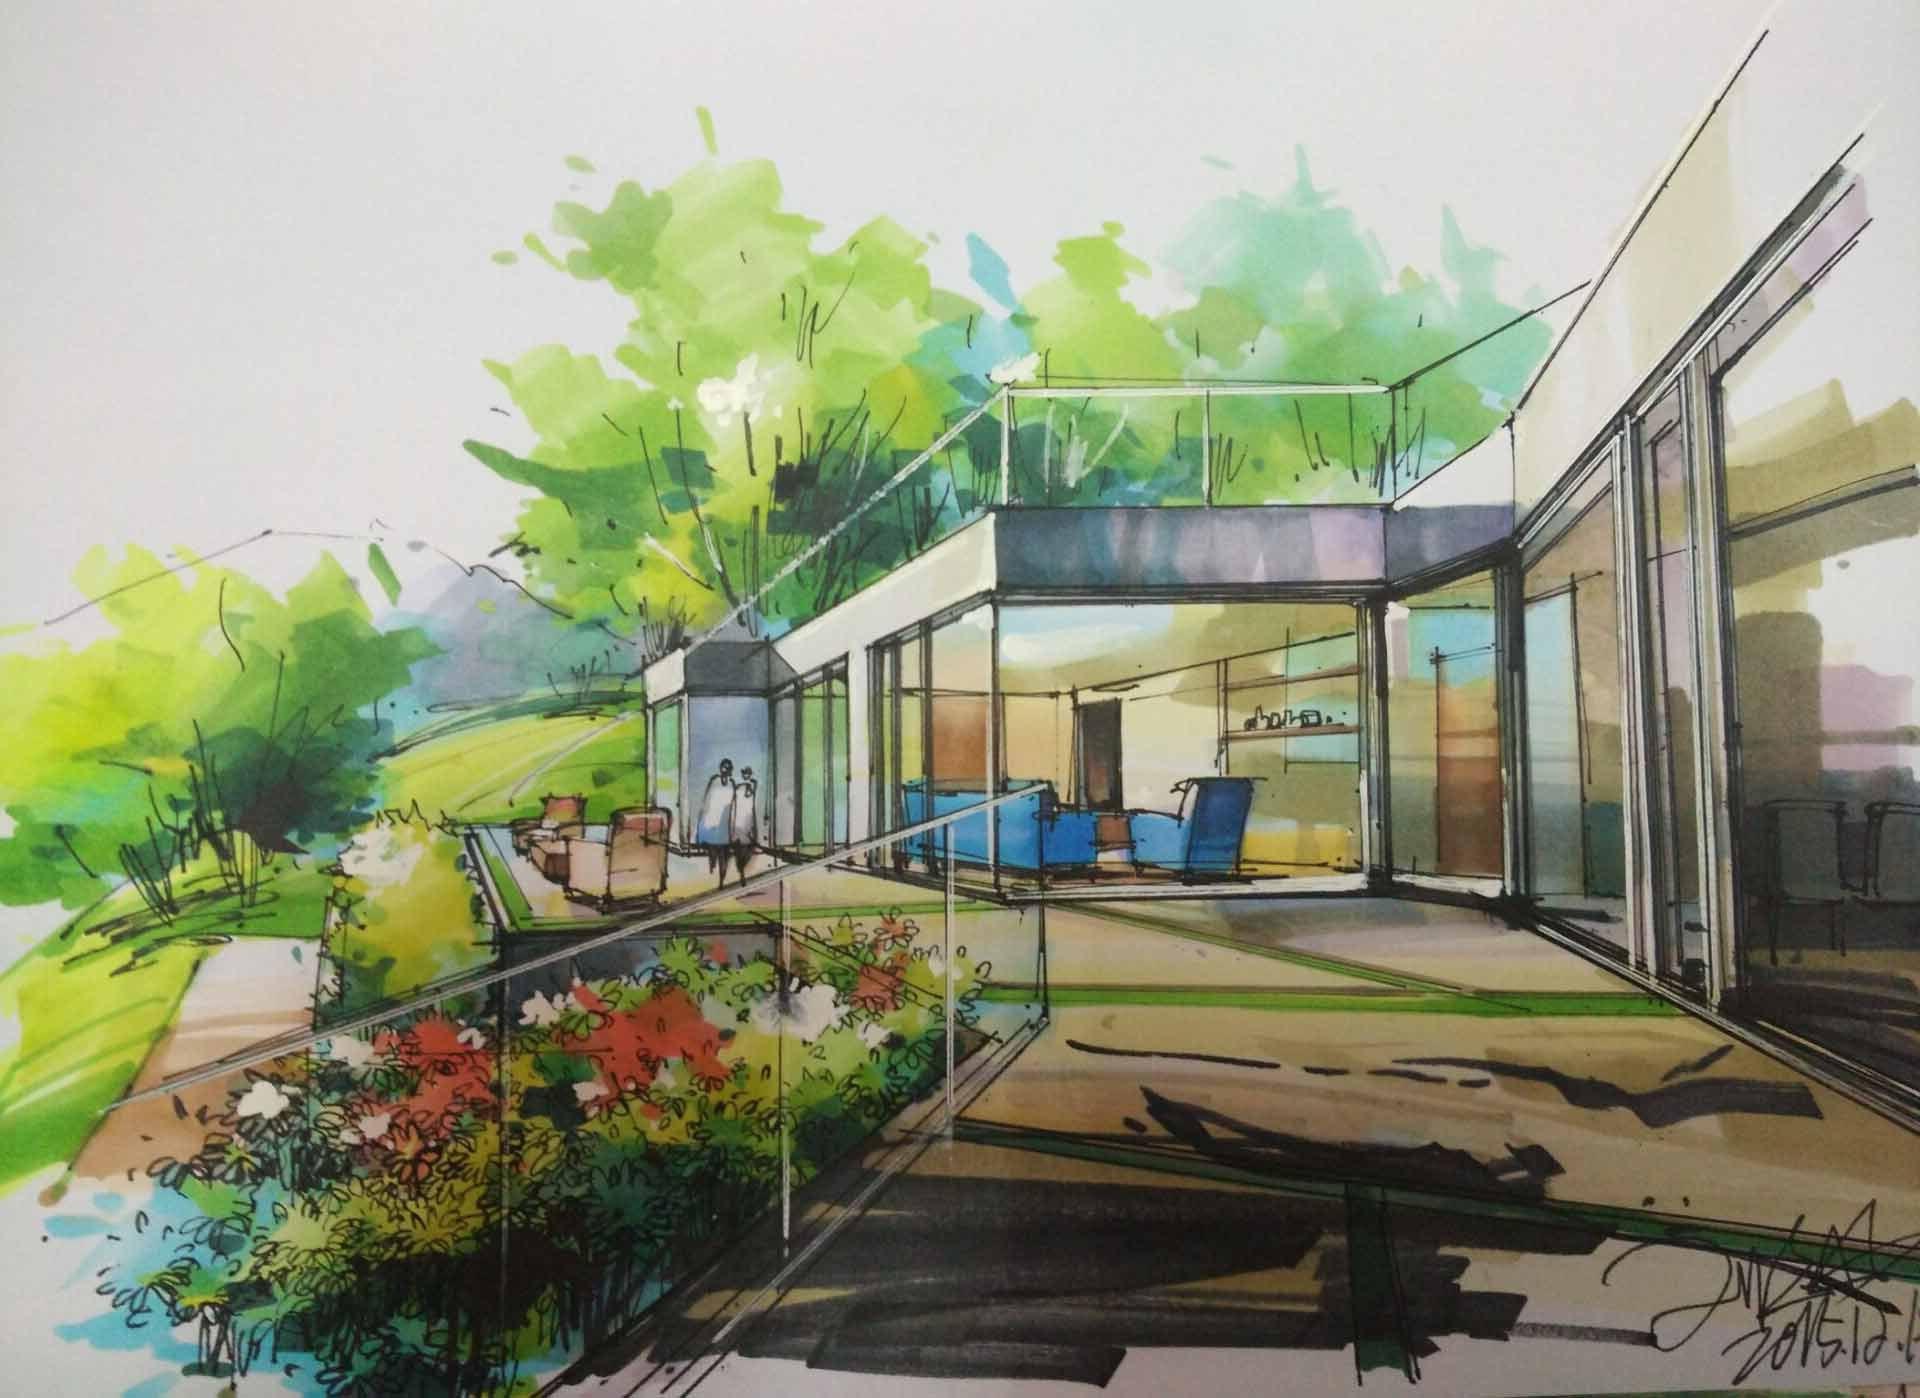 手绘建筑视频|空间|建筑设计|上海问笔 - 原创作品